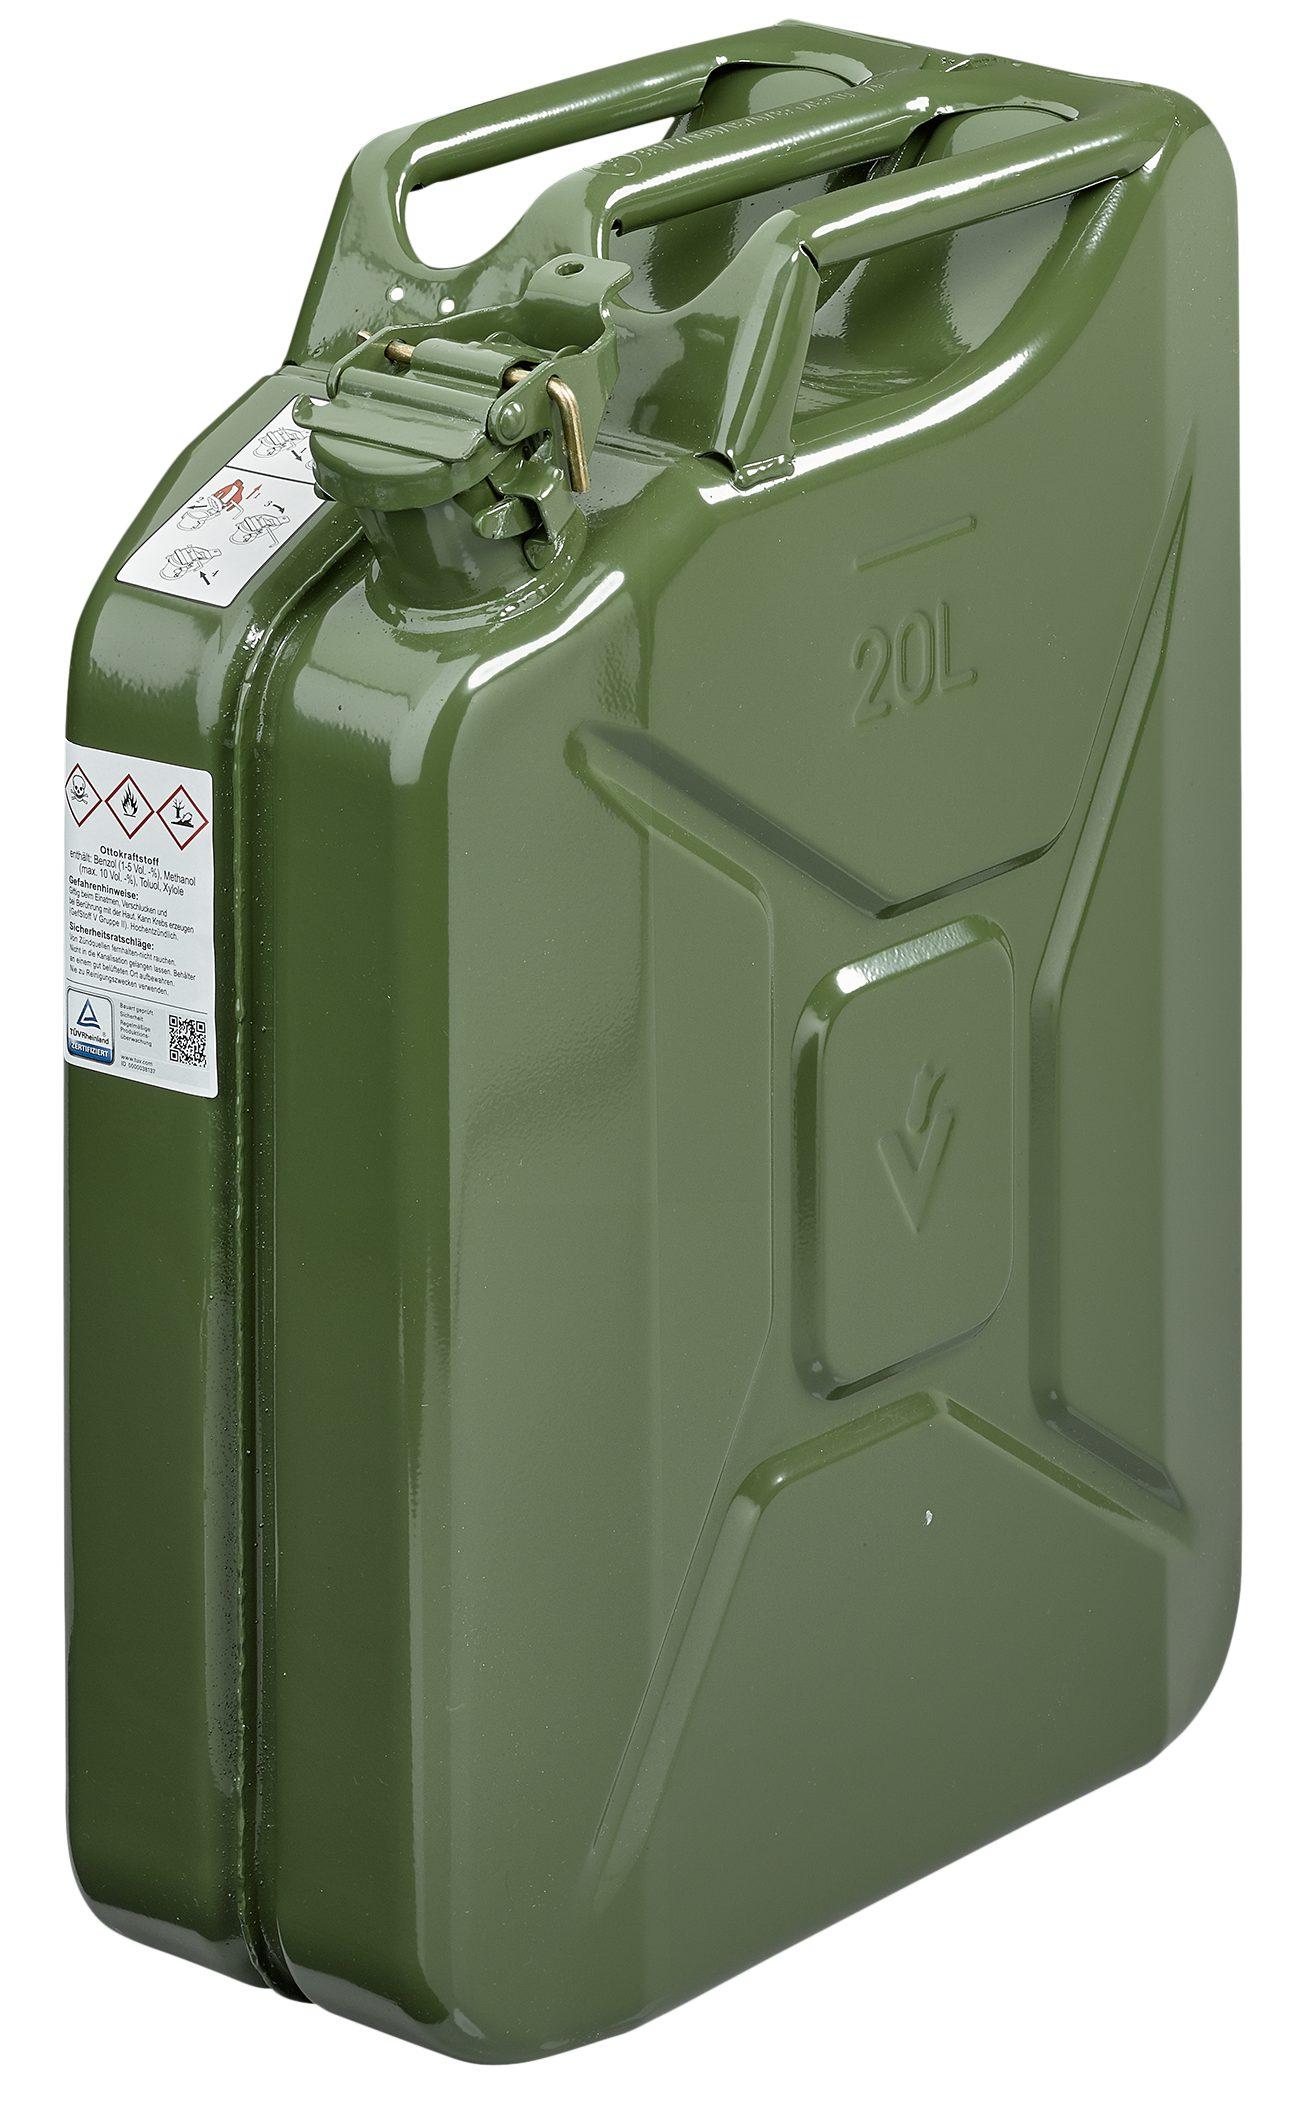 Canistra metalica WM - 20 litri